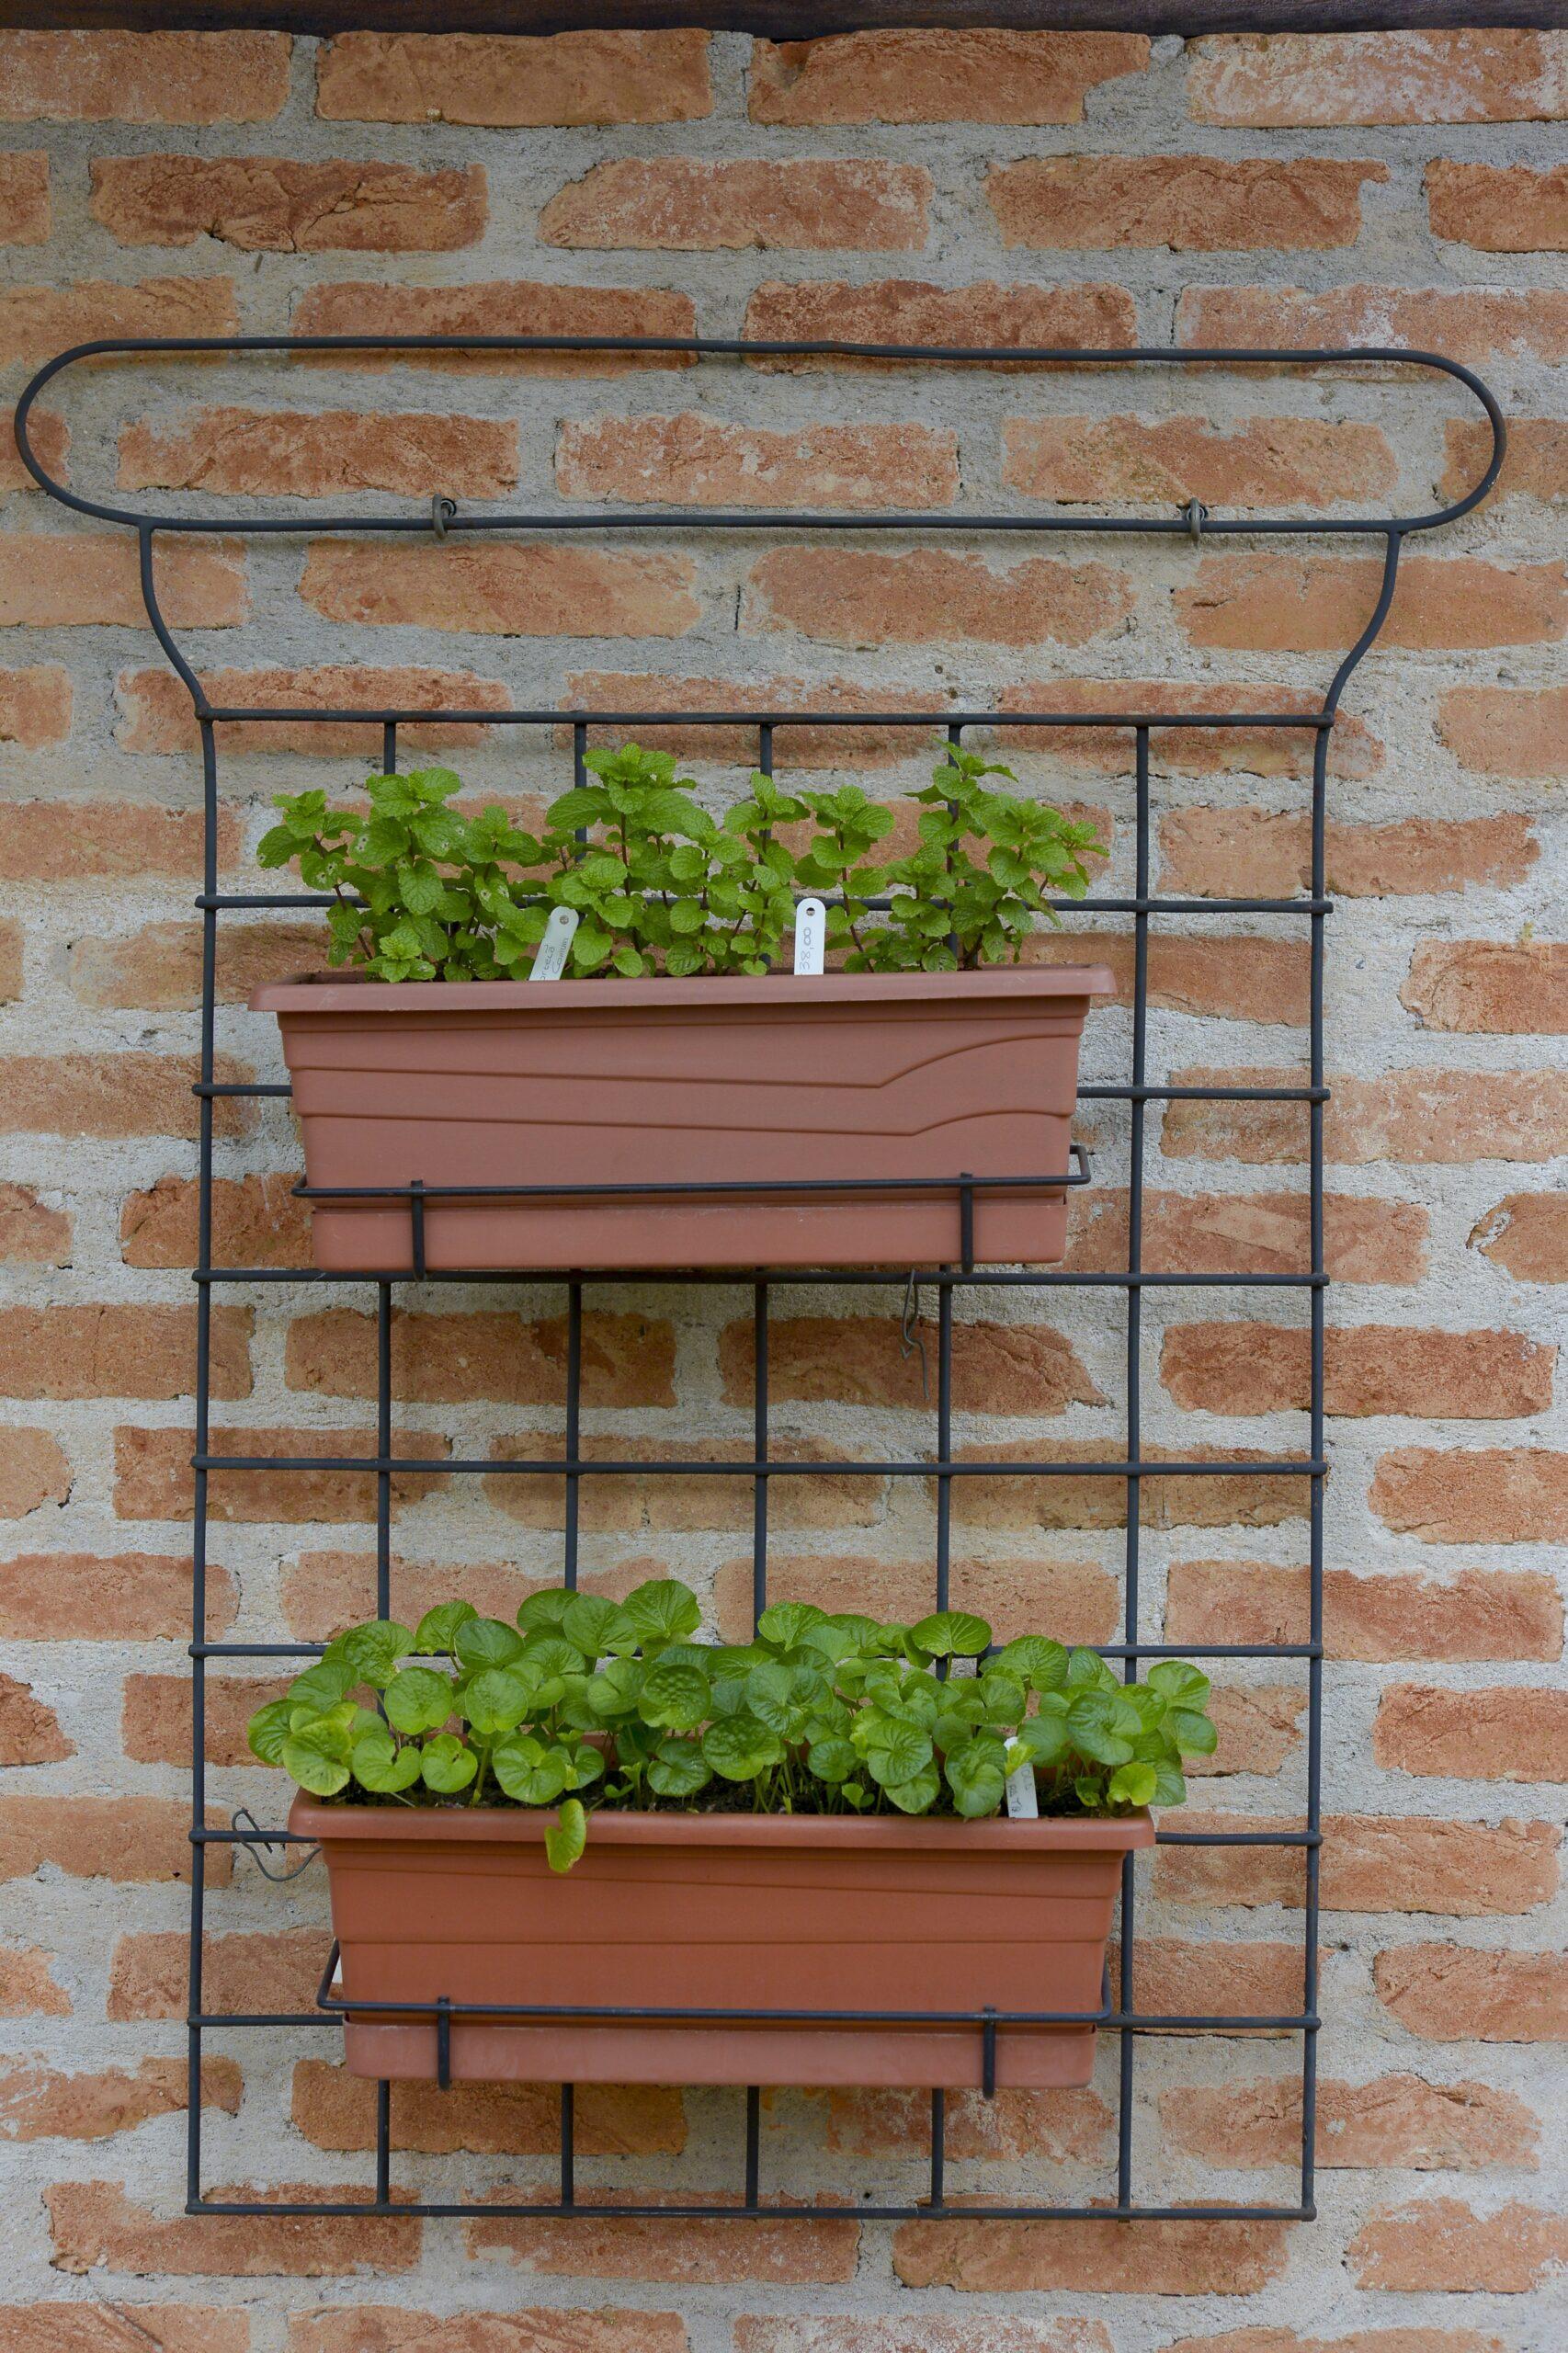 Pequenos Espaços: Hortas Verticais na Parede